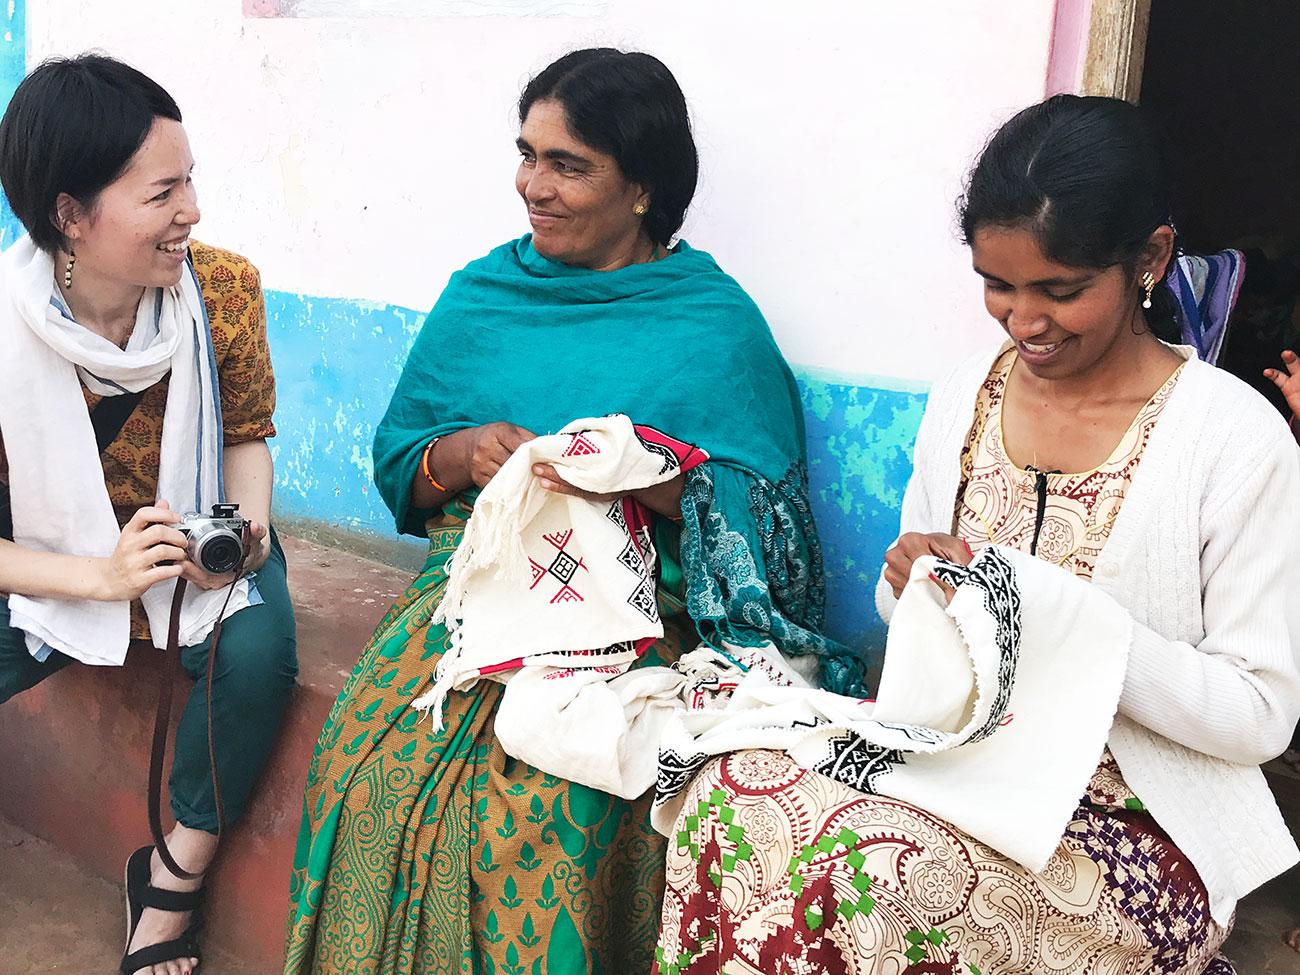 家の前に腰掛けて刺繍するトダ族の女性たち